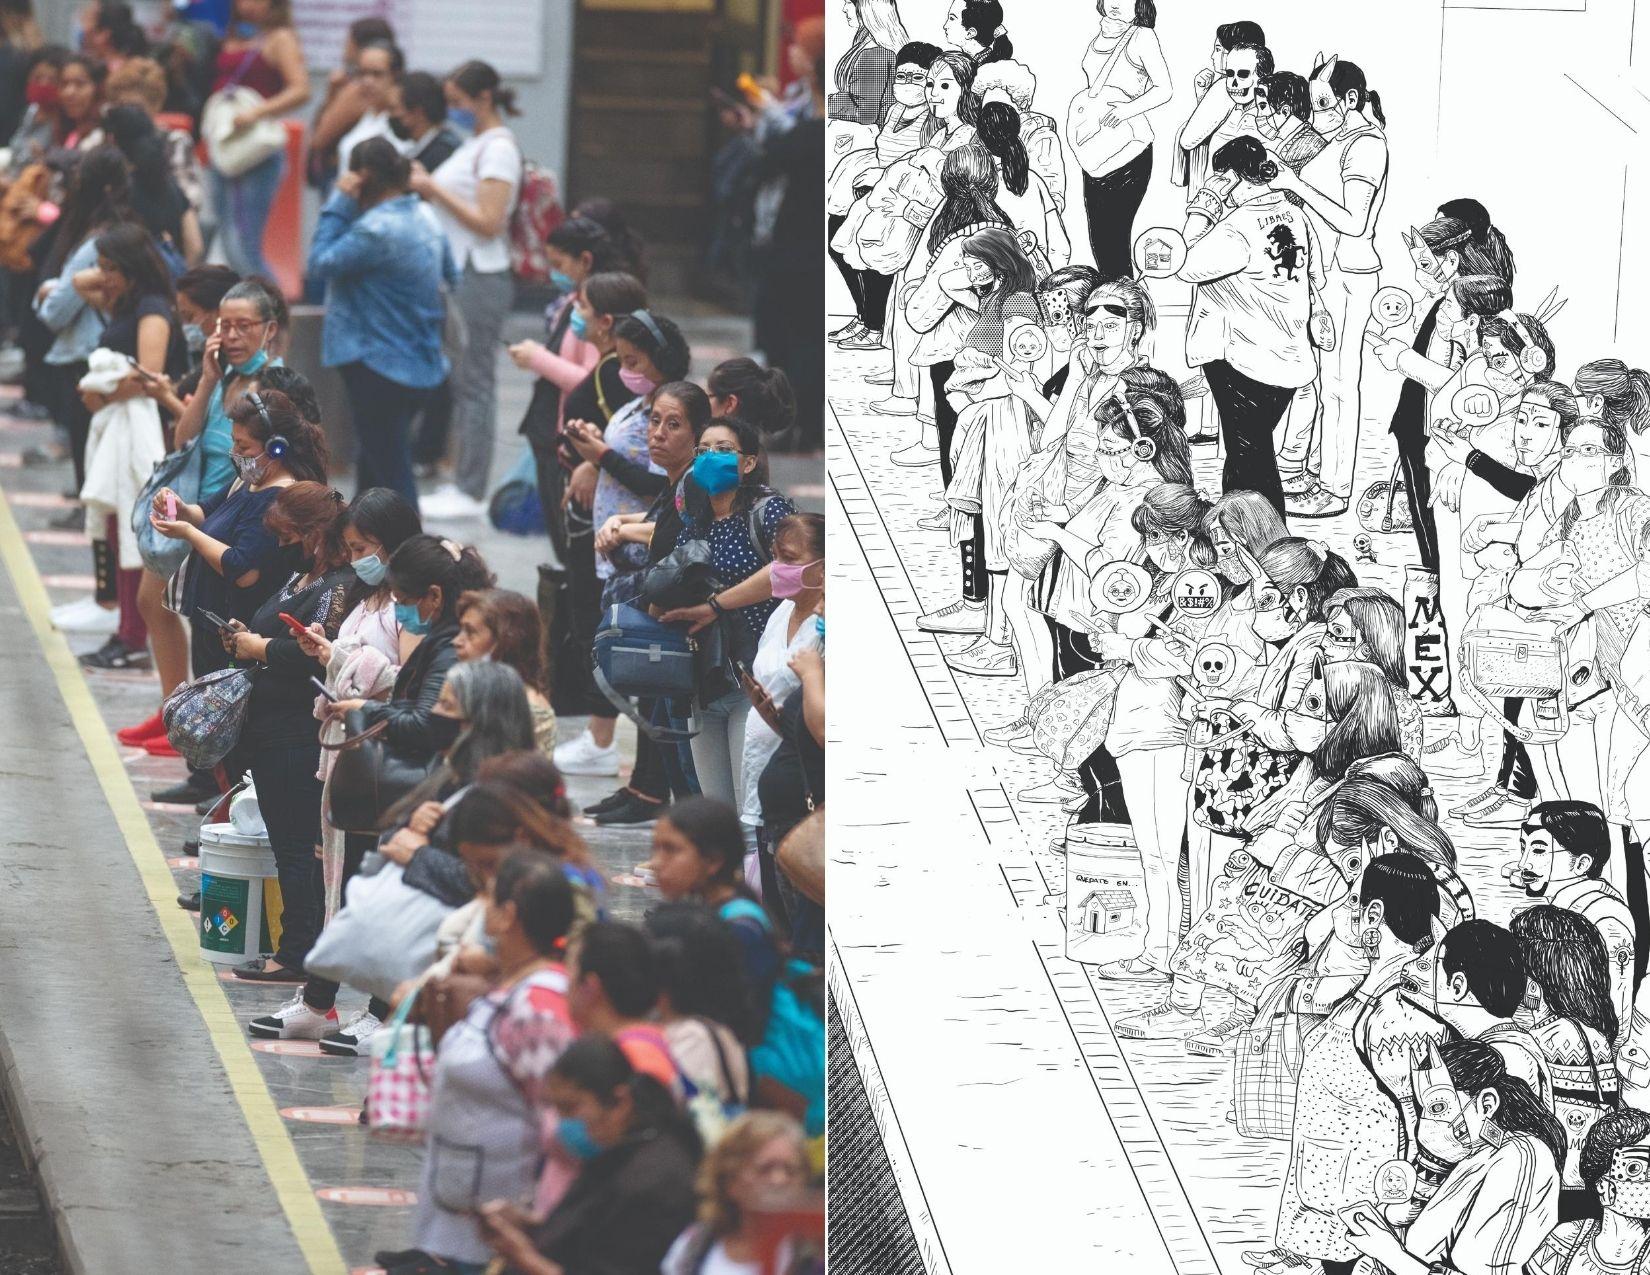 obras de Saner y Santiago Arau para la campaña Unidos Con Distancia